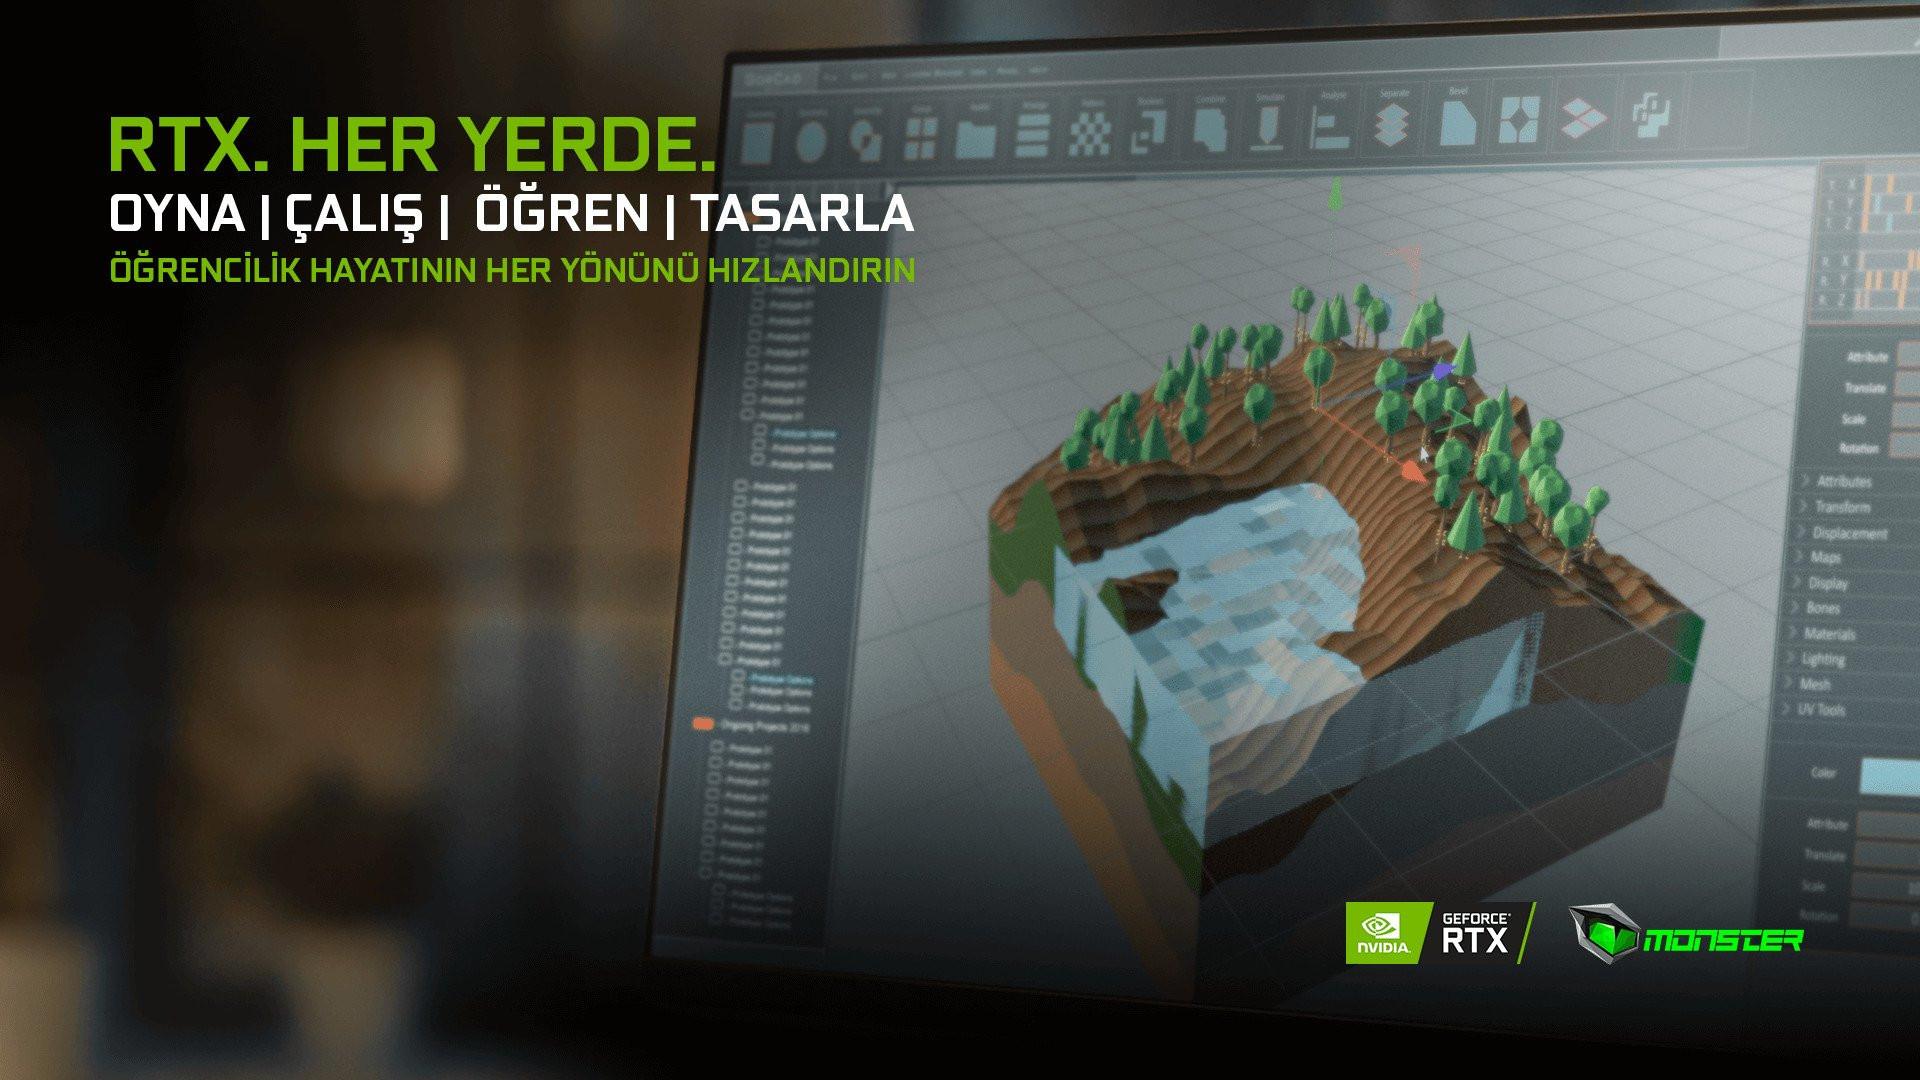 Abra serisi Monster laptoplar NVIDIA GeForce RTX 3050 ve 3050 Ti ekran kartlarıyla performansın sınırlarını zorluyor